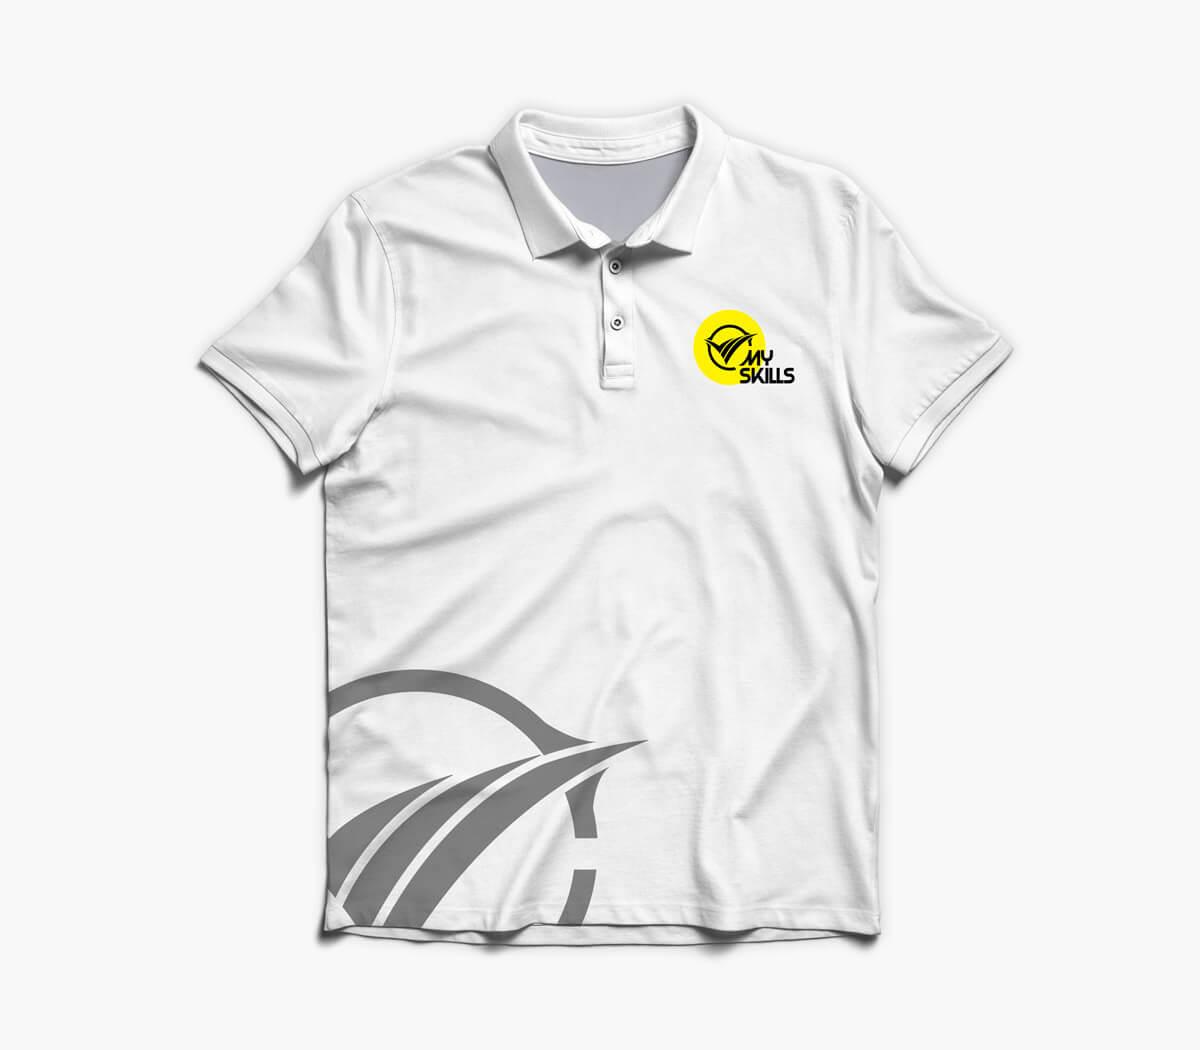 Projekt koszulki polo dla firmy MySkills - element opracowanej identyfikacji wizualnej oraz nowe logo MySkills. Lokalizacja; Kutno, Łódzkie.